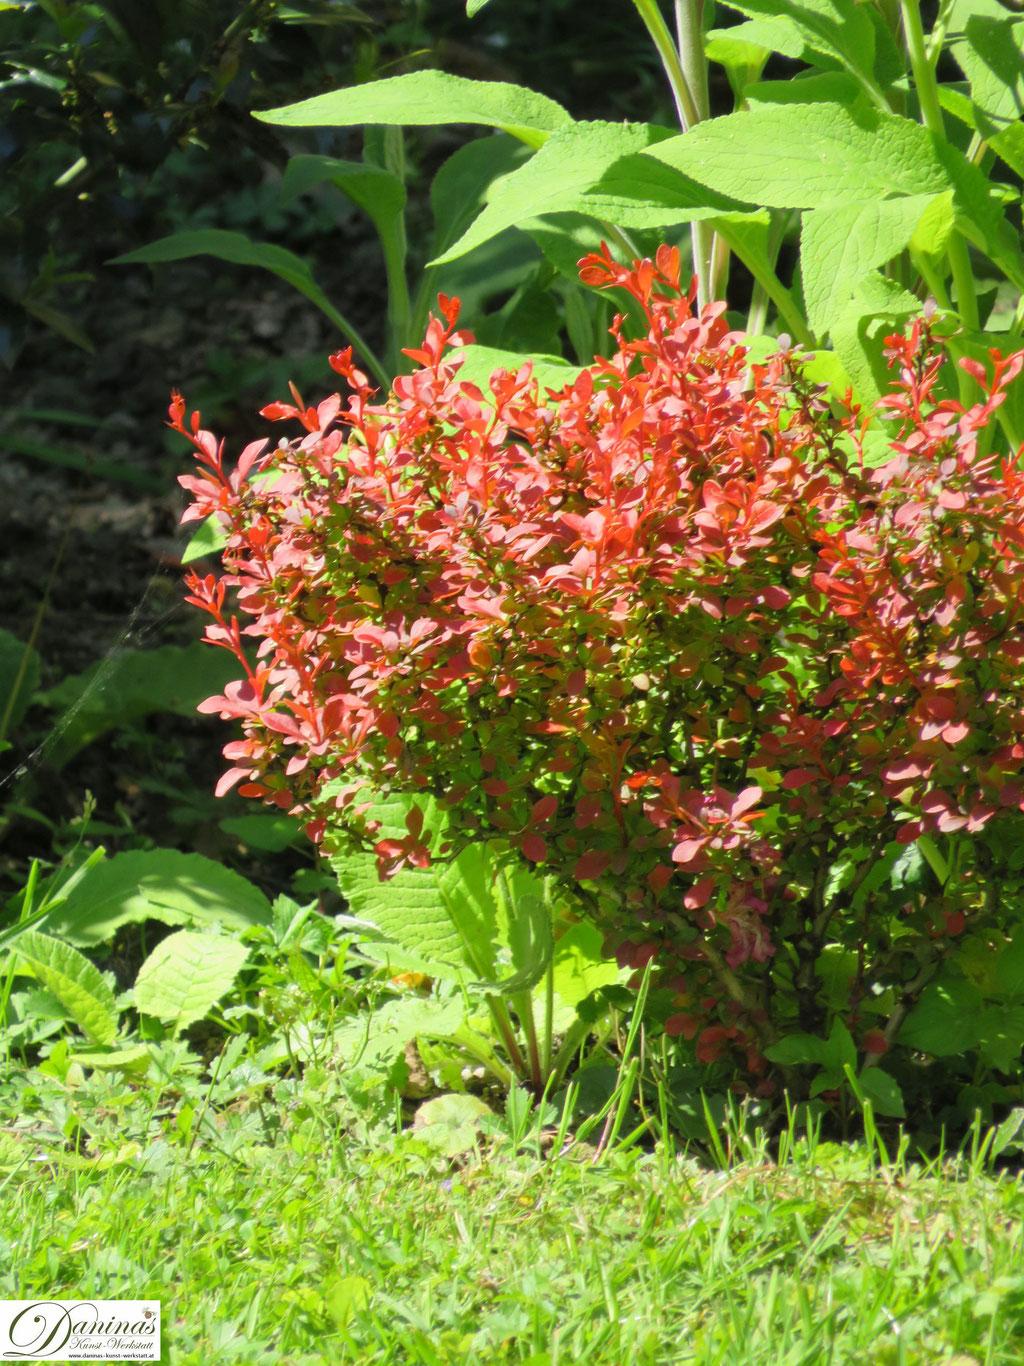 Schmuckblattpflanzen im Strauchbeet